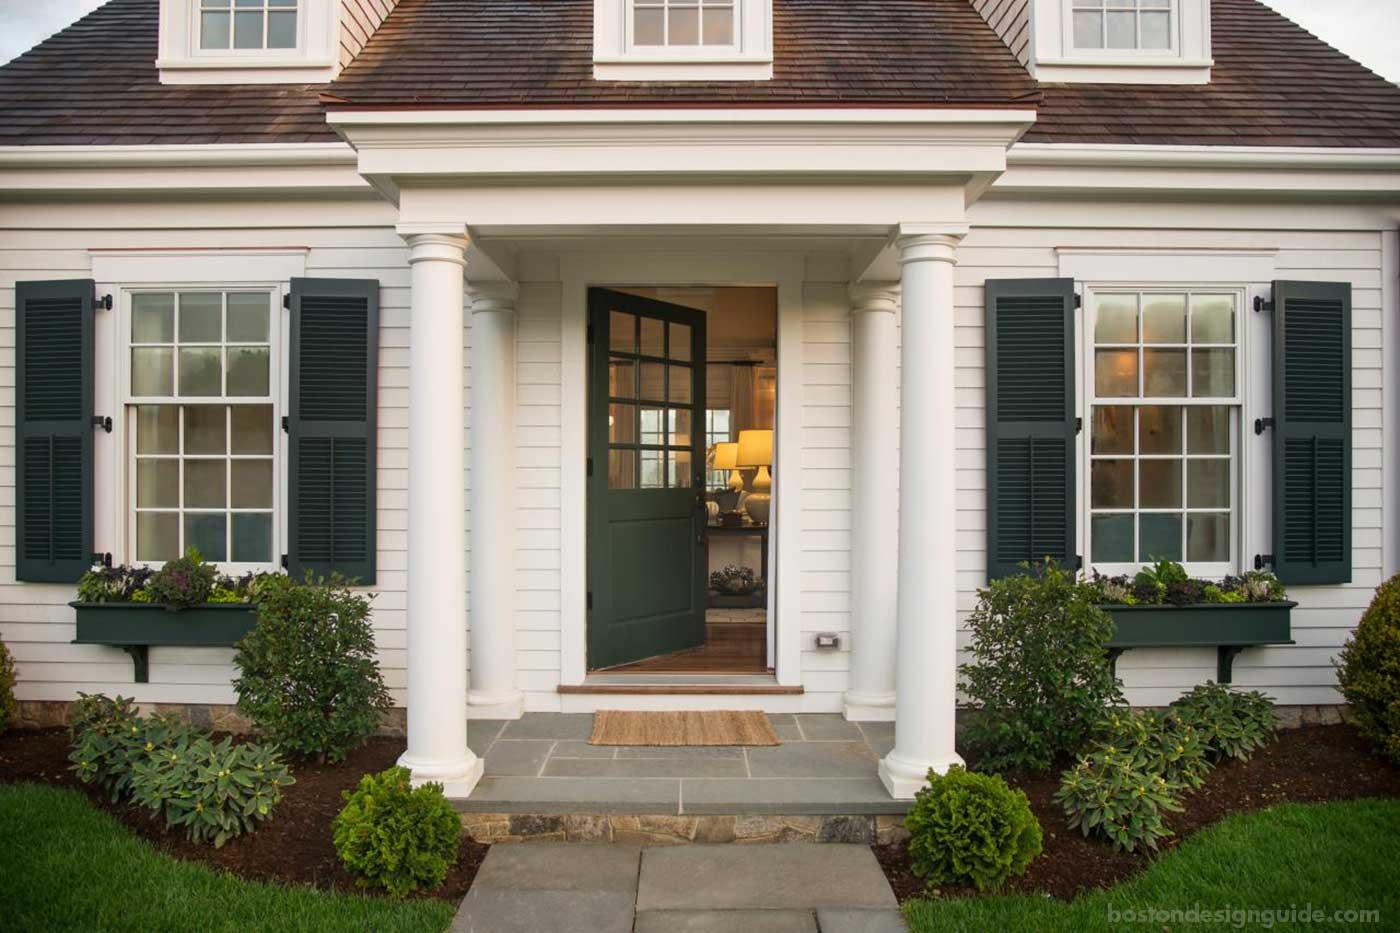 Black Horse Real Estate, Inc. home facade